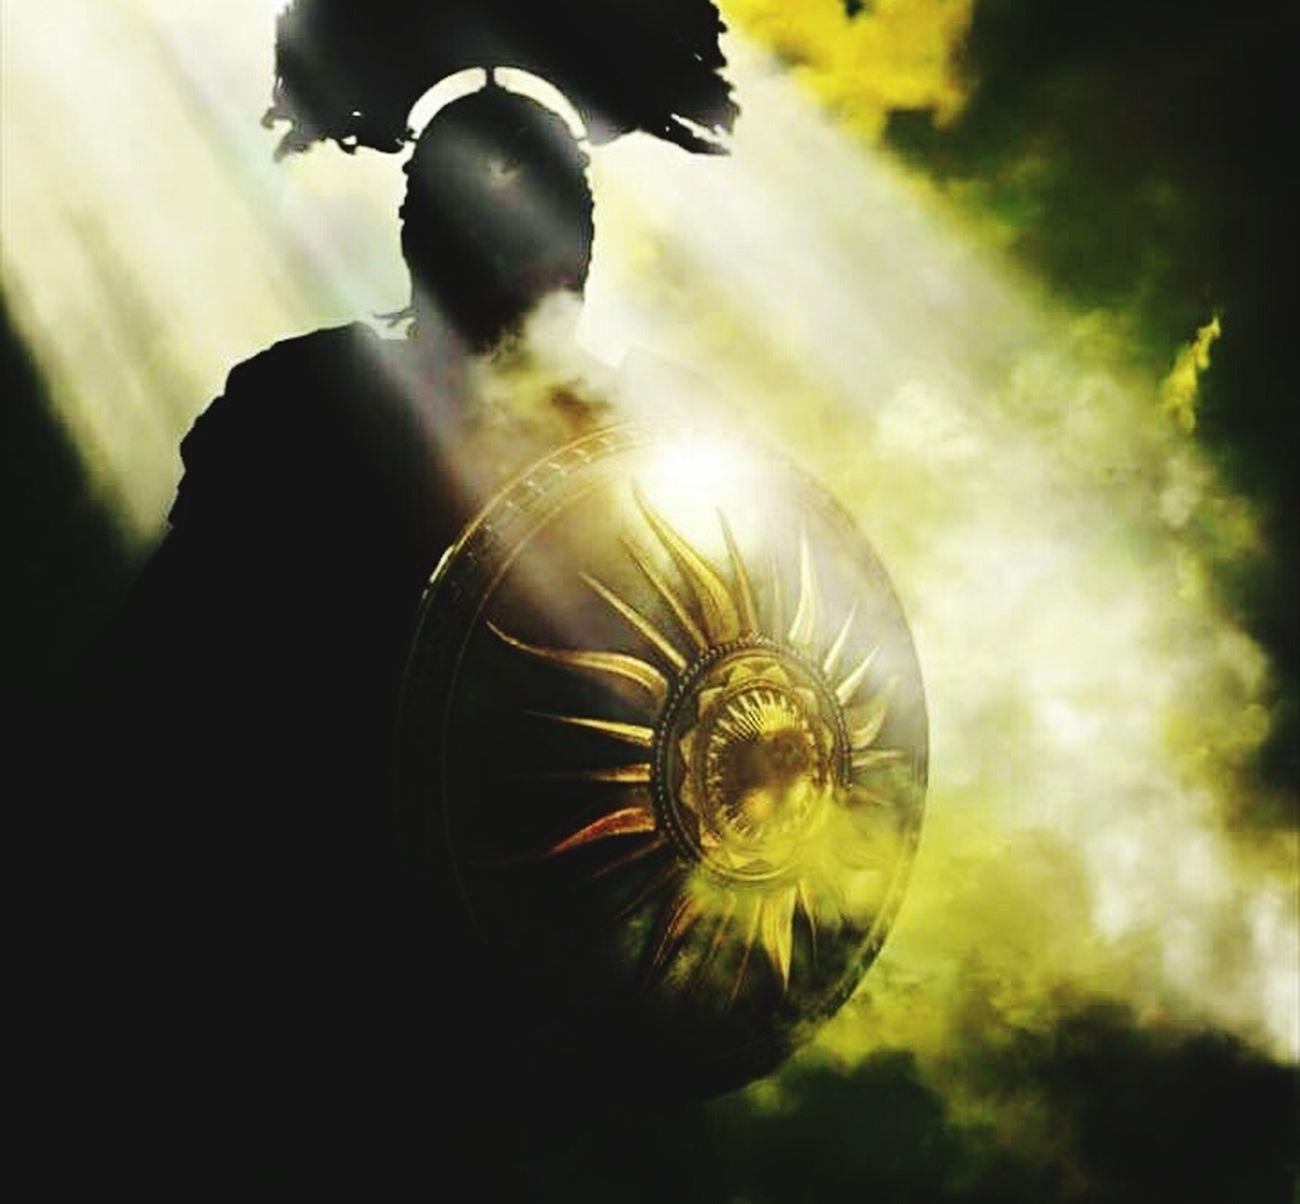 Il più formidabile scudo di in cavaliere è il suo Onore. Knight  Knight Legacy Mylife A Testa Alta